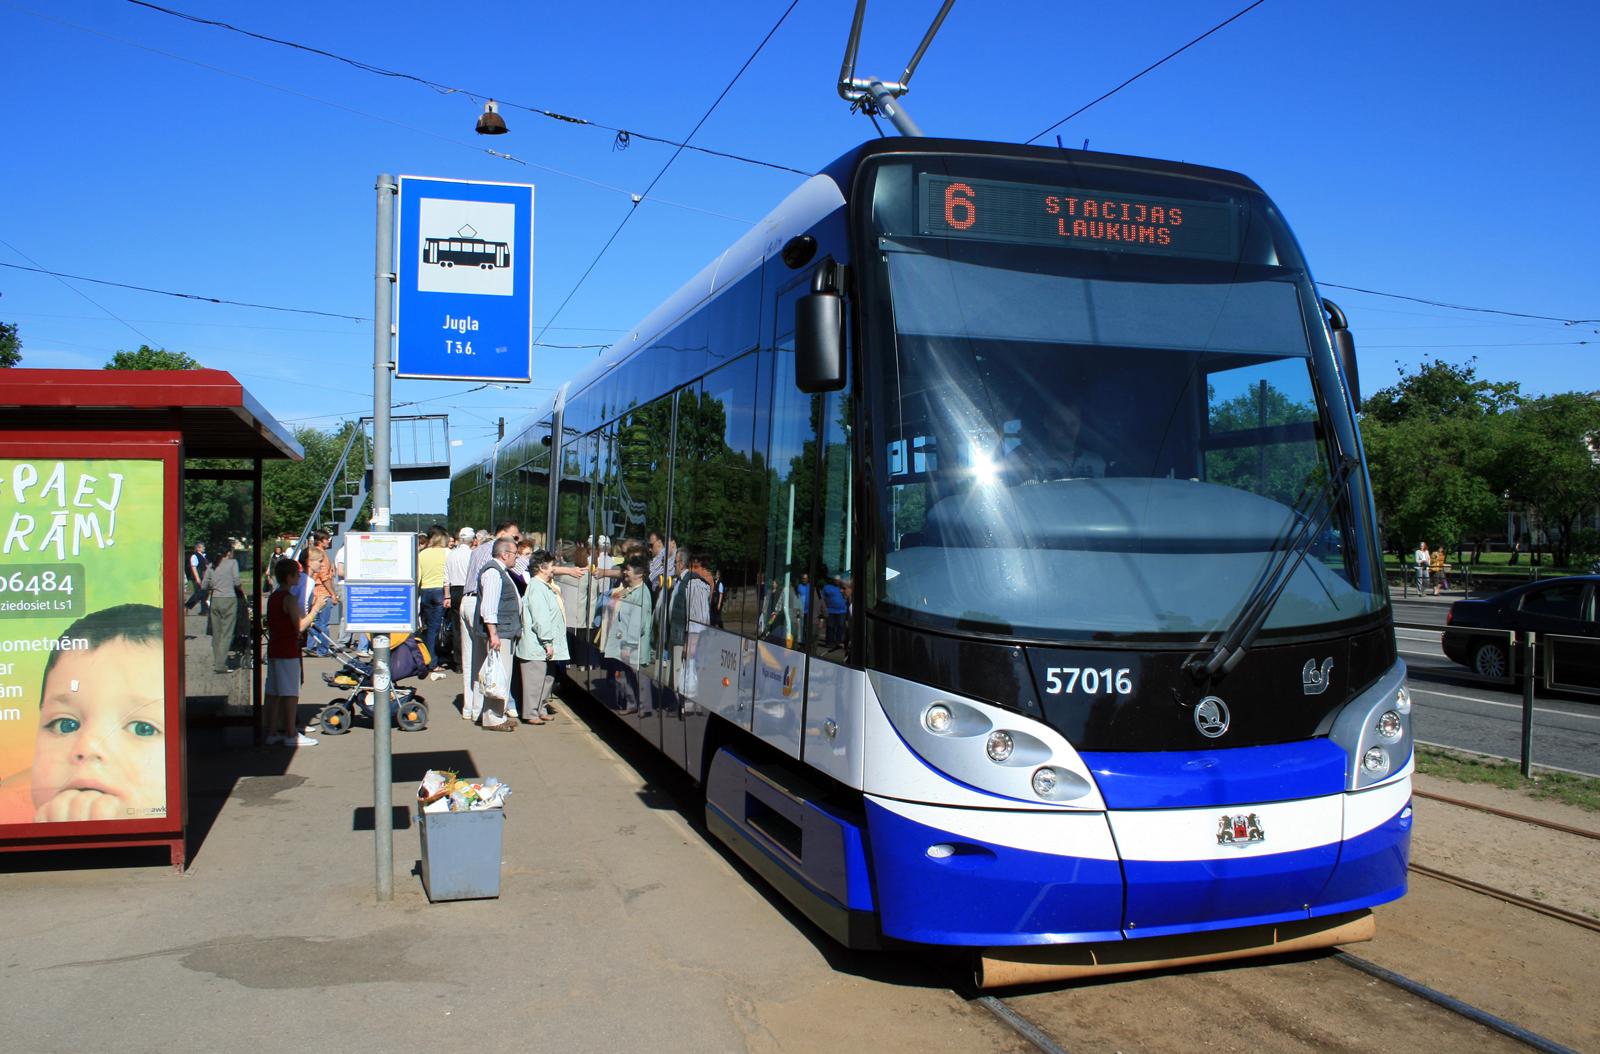 Skoda transports ... %C5%A0koda_15T_Jugla_06.2010